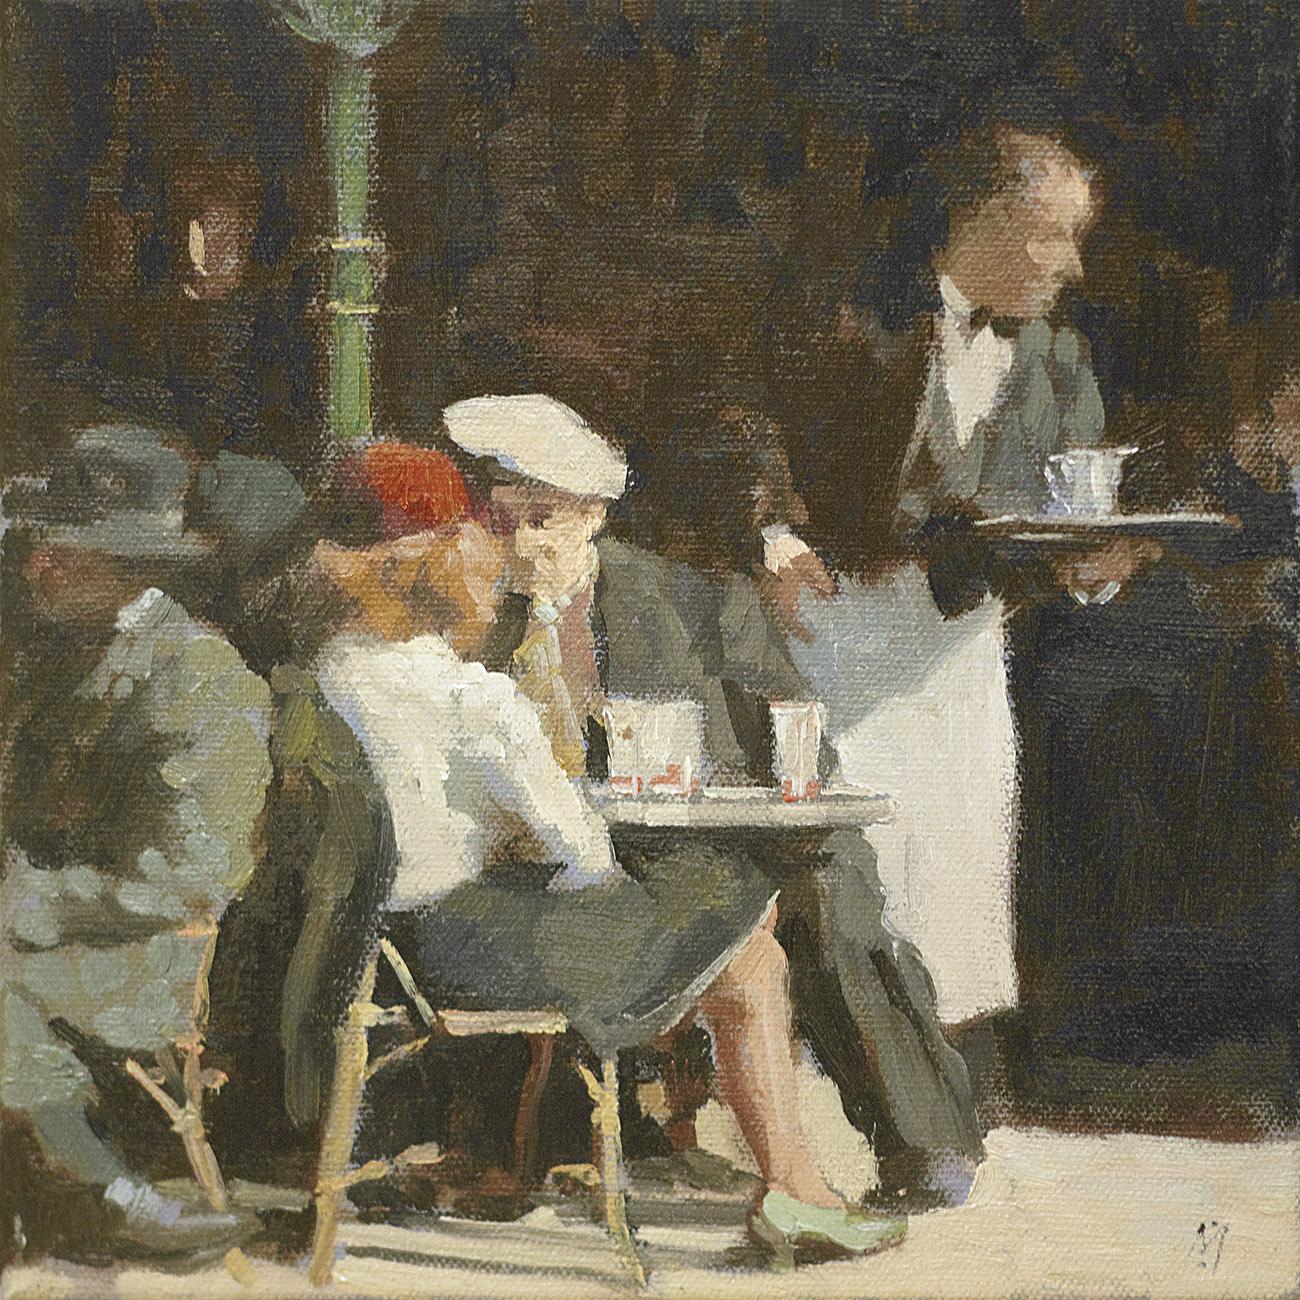 Busy Waiter by Nigel Mason